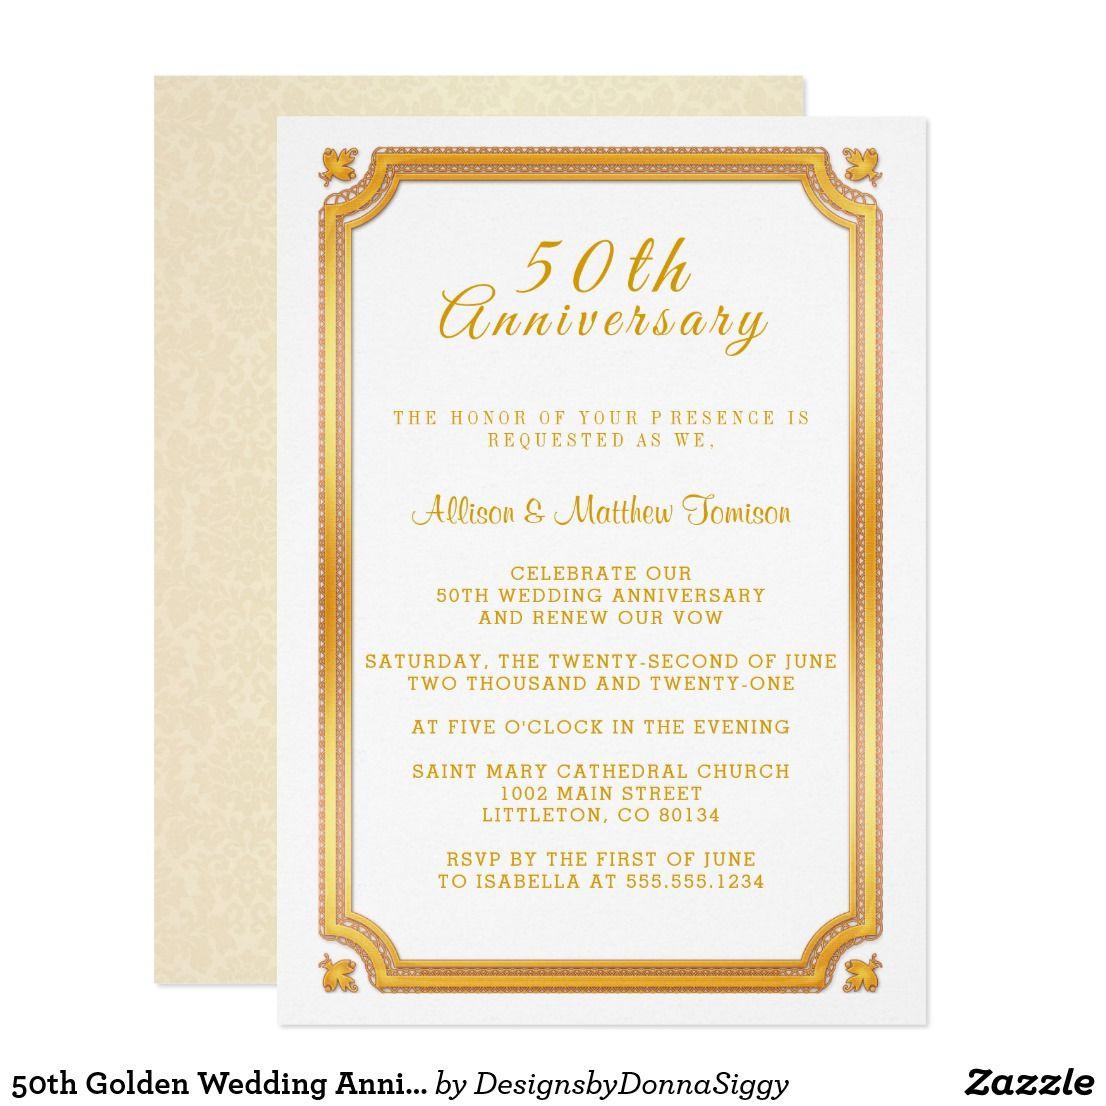 50th Golden Wedding Anniversary Invitation Zazzle Com Golden